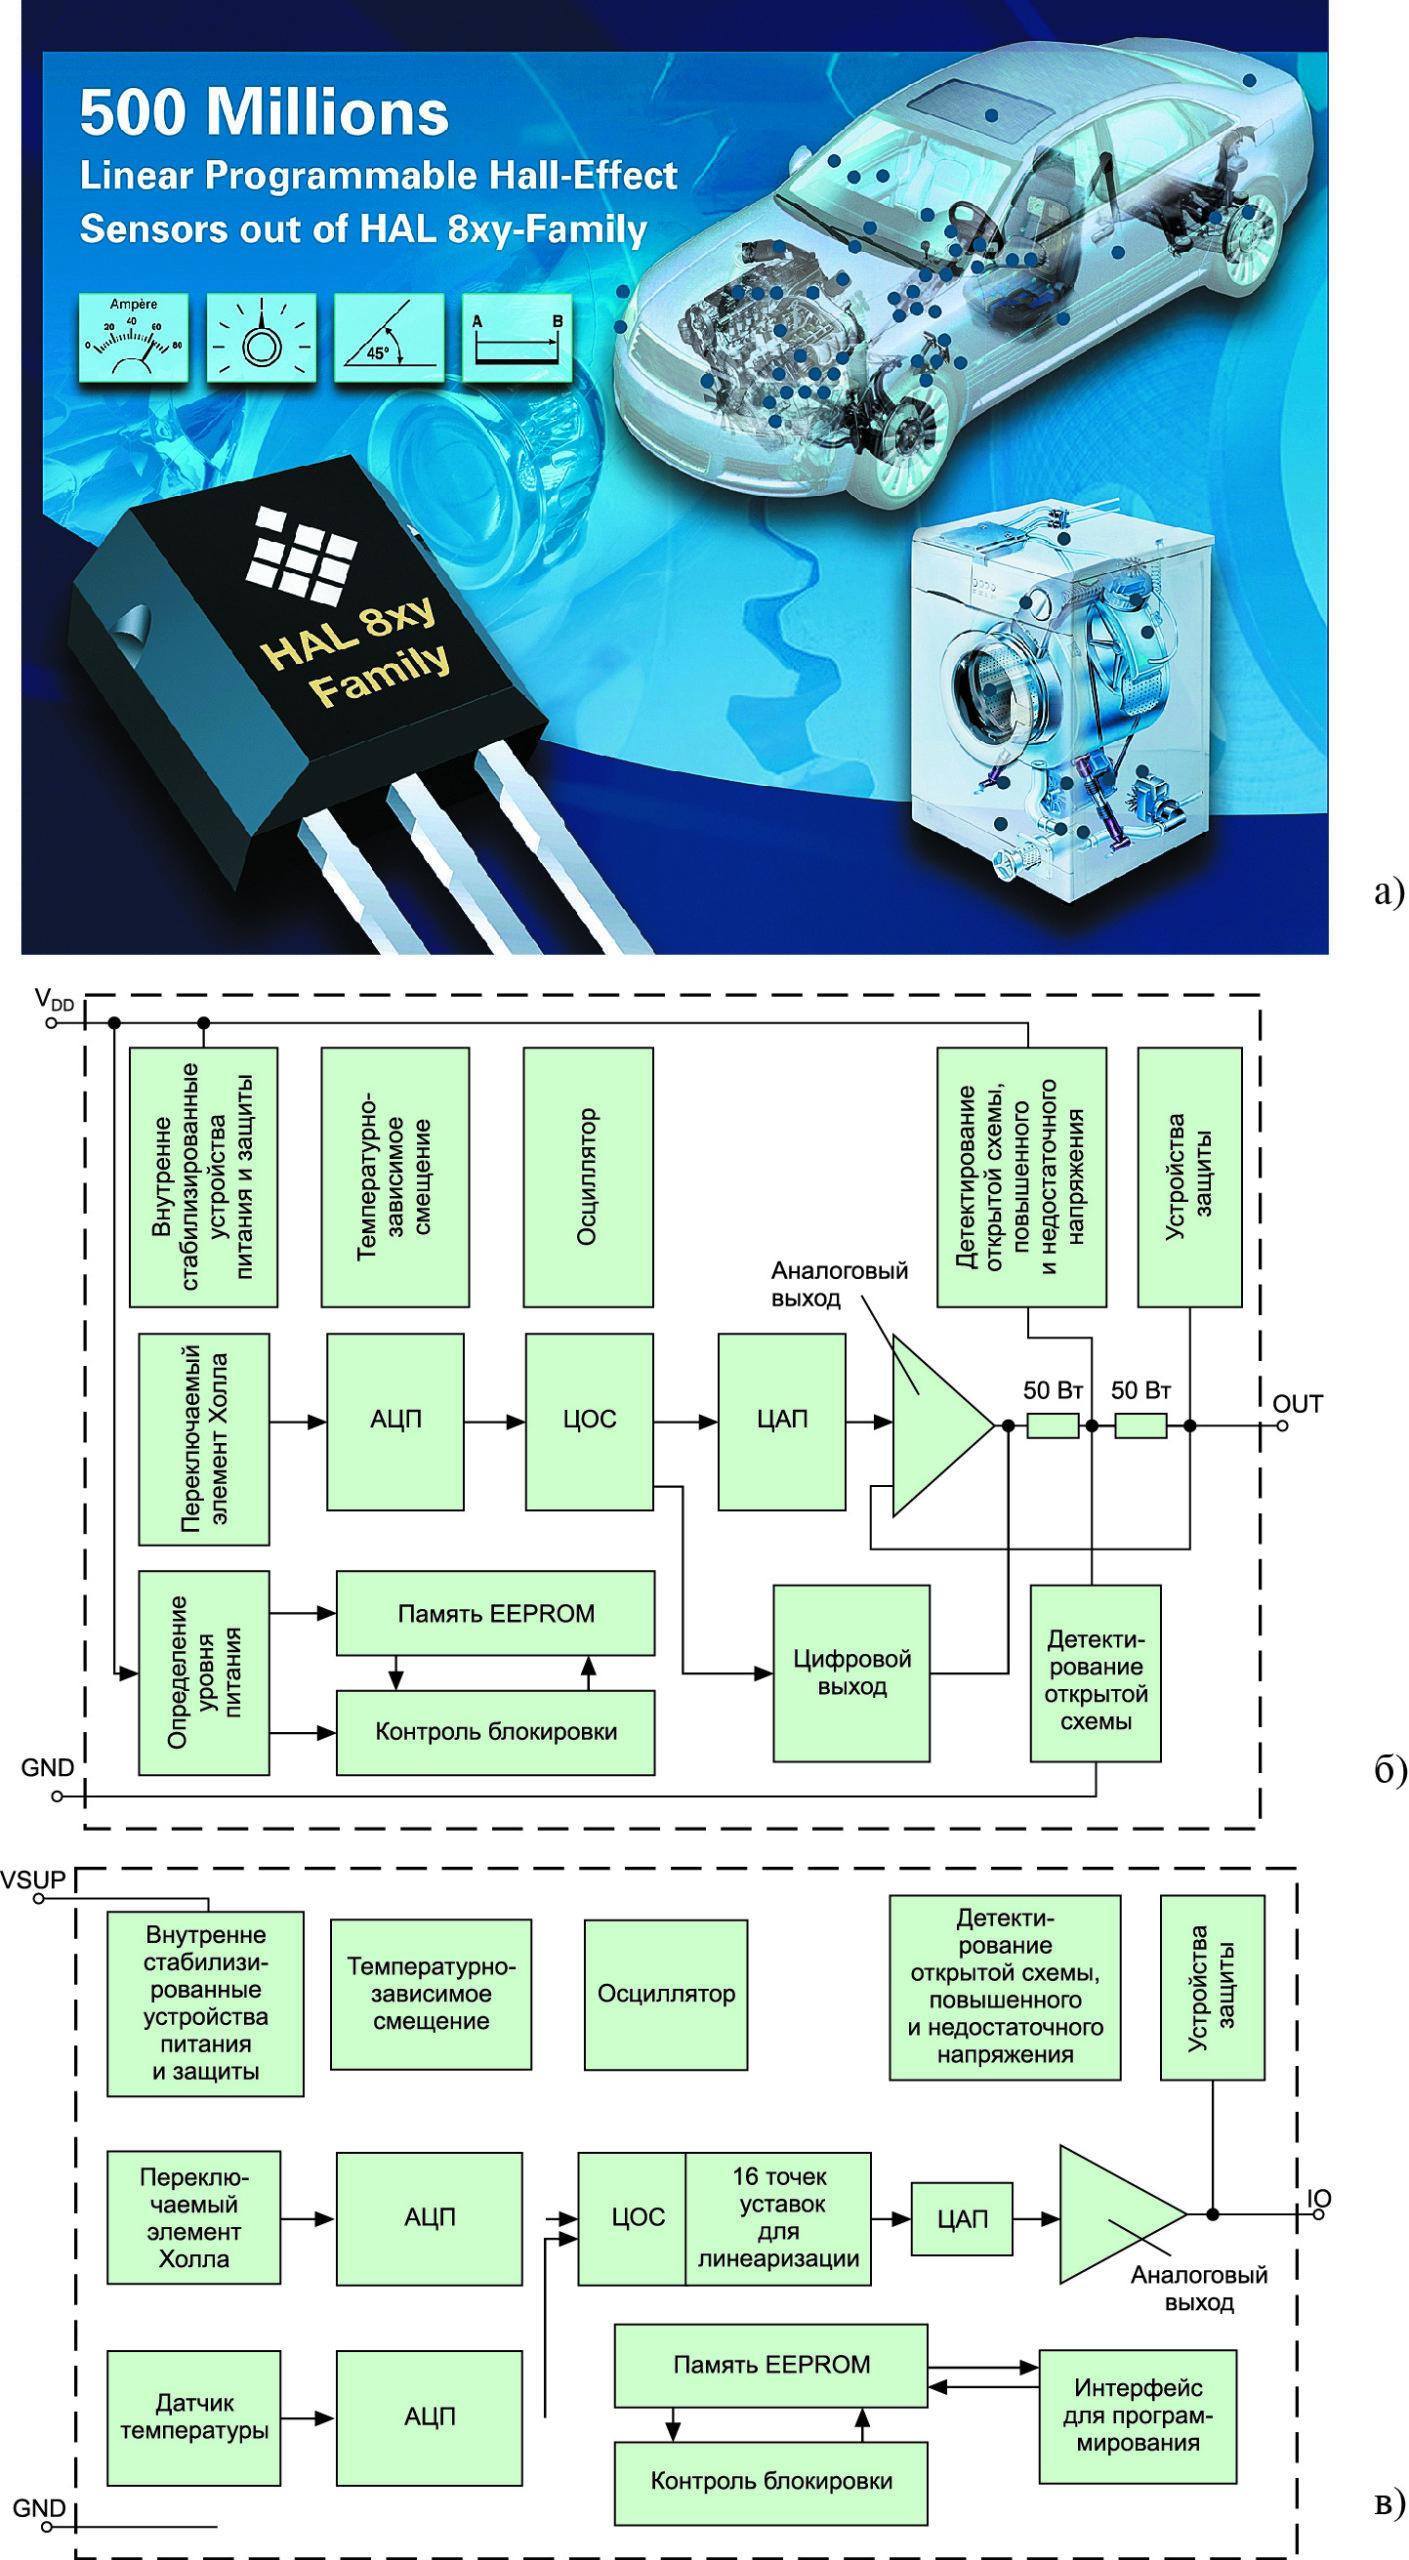 Рис. 8. Micronas: обновления семейств стандартных (одноэлементных) программируемых линейных CMOS-датчиков Холла